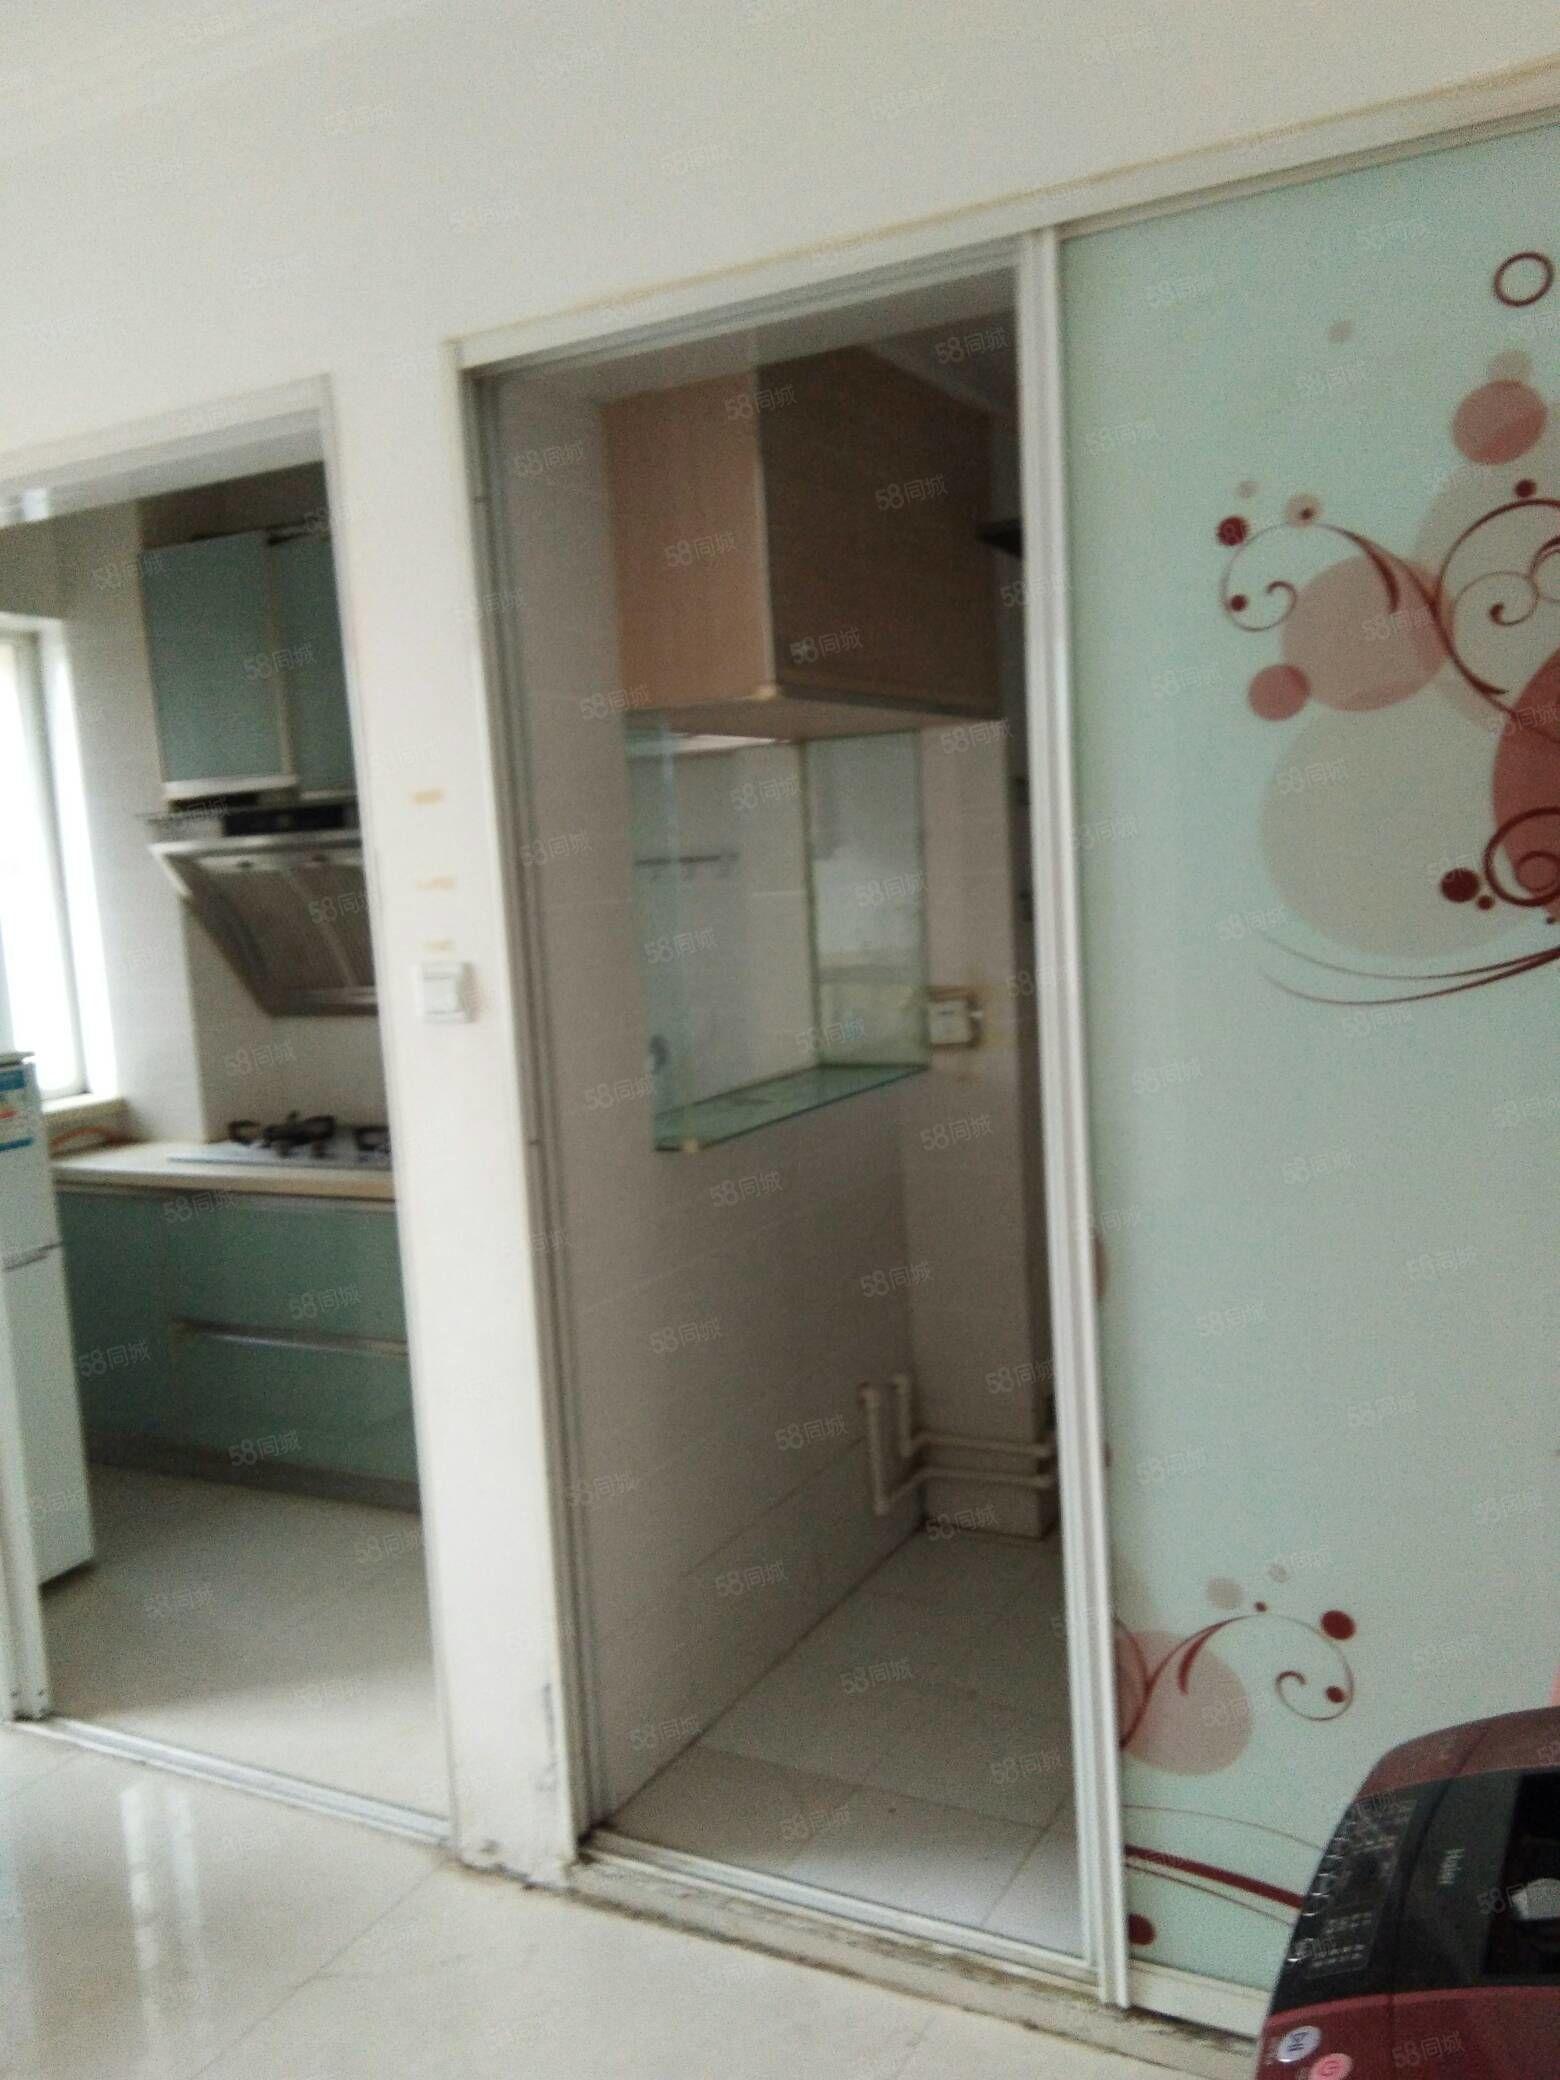 丽人公寓季付半年付1室中装1000元每月